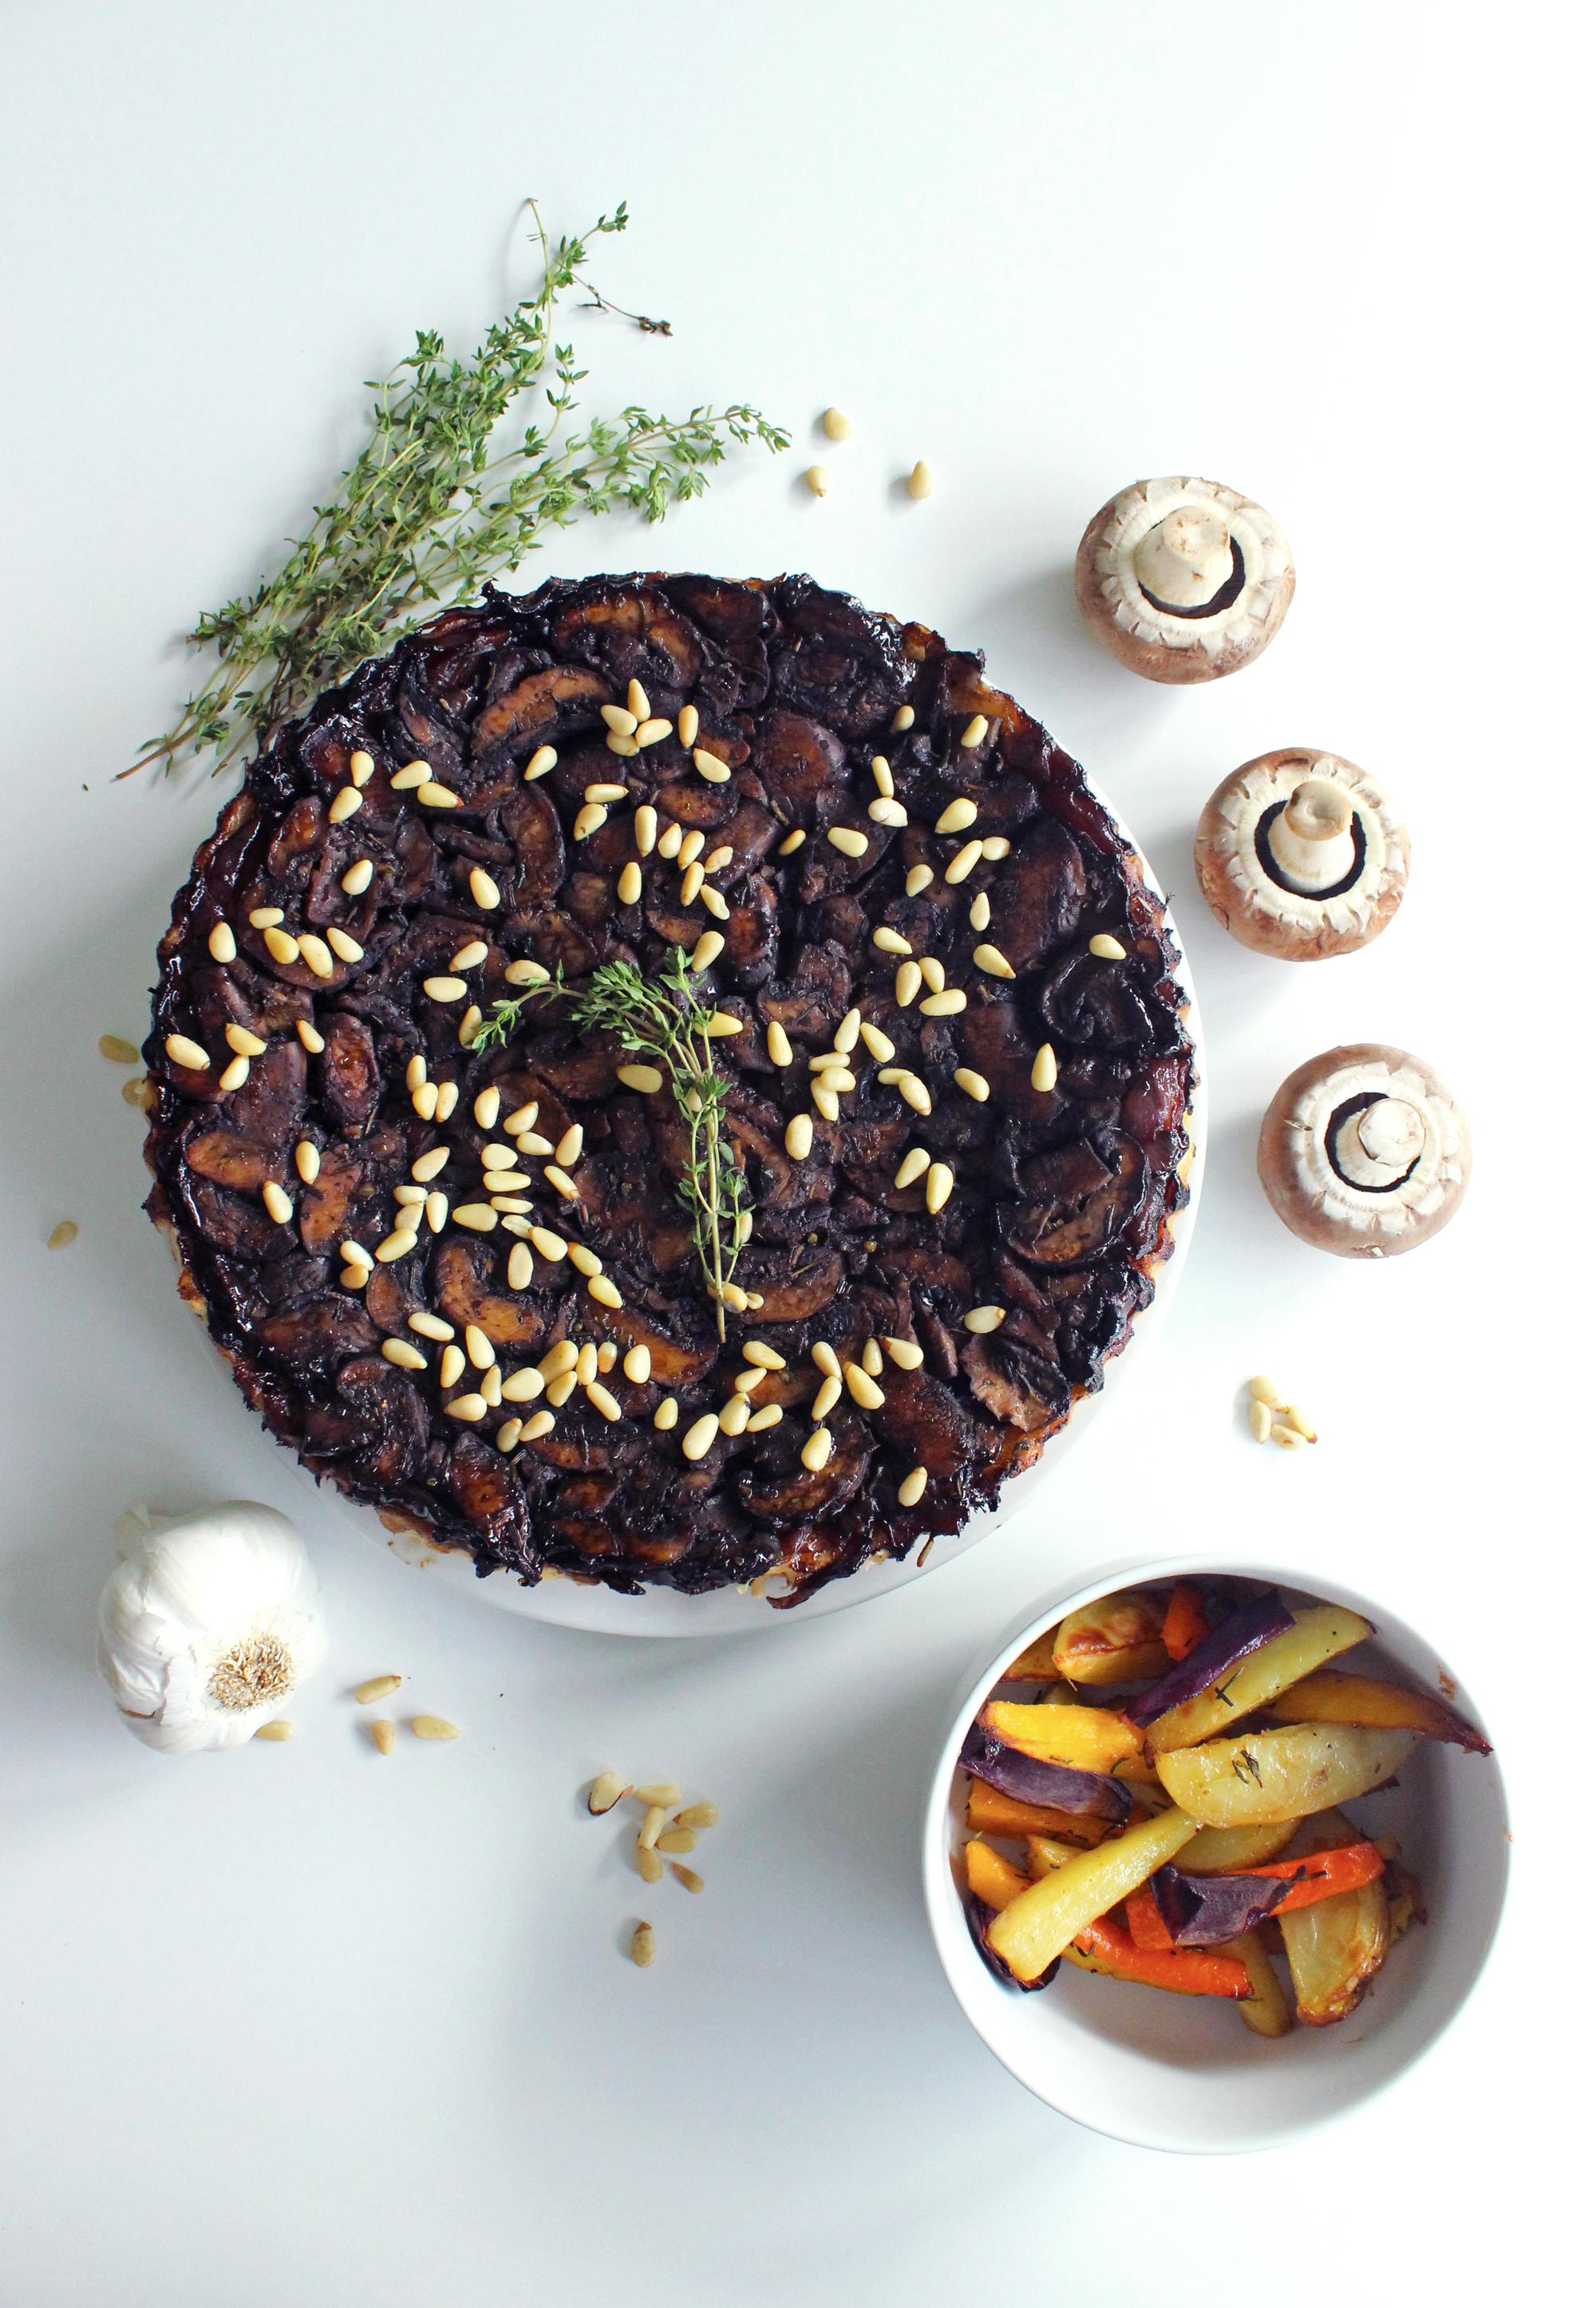 Tarte Tatin de champignons bruns, d'oignons rouges caramélisés & de pignons de pin